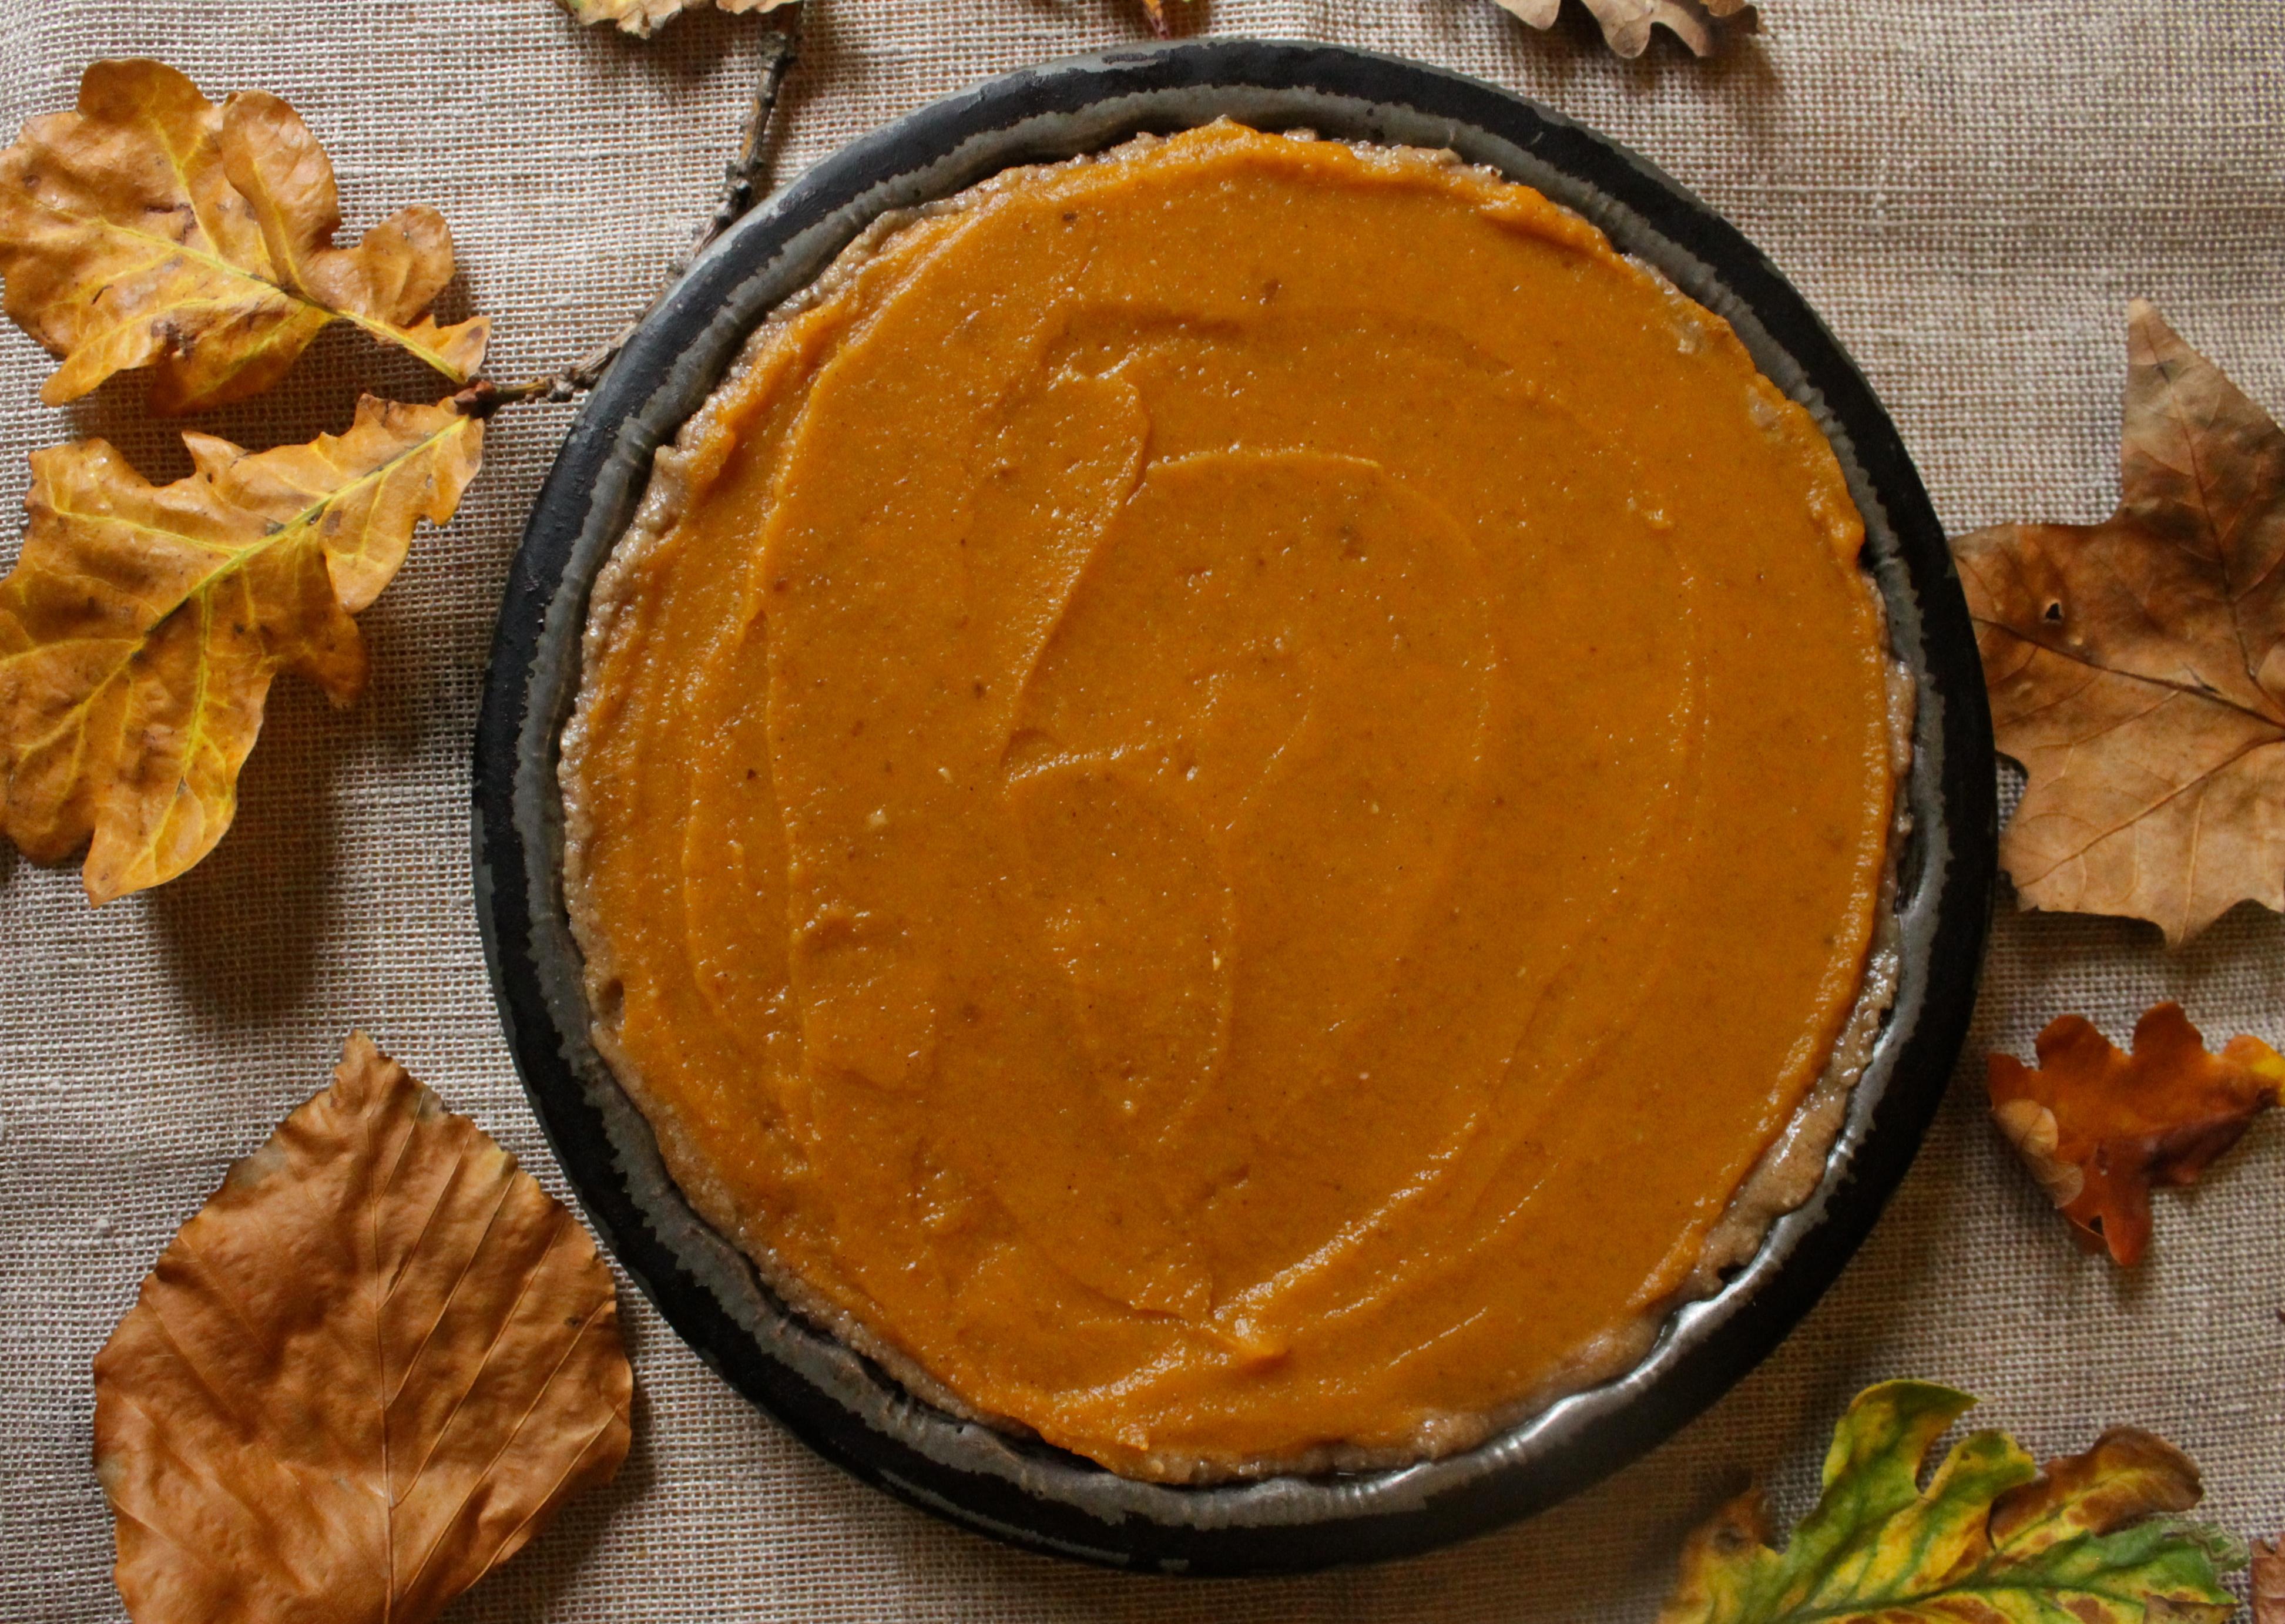 Gluten Free, Vegan Pumpkin Pie